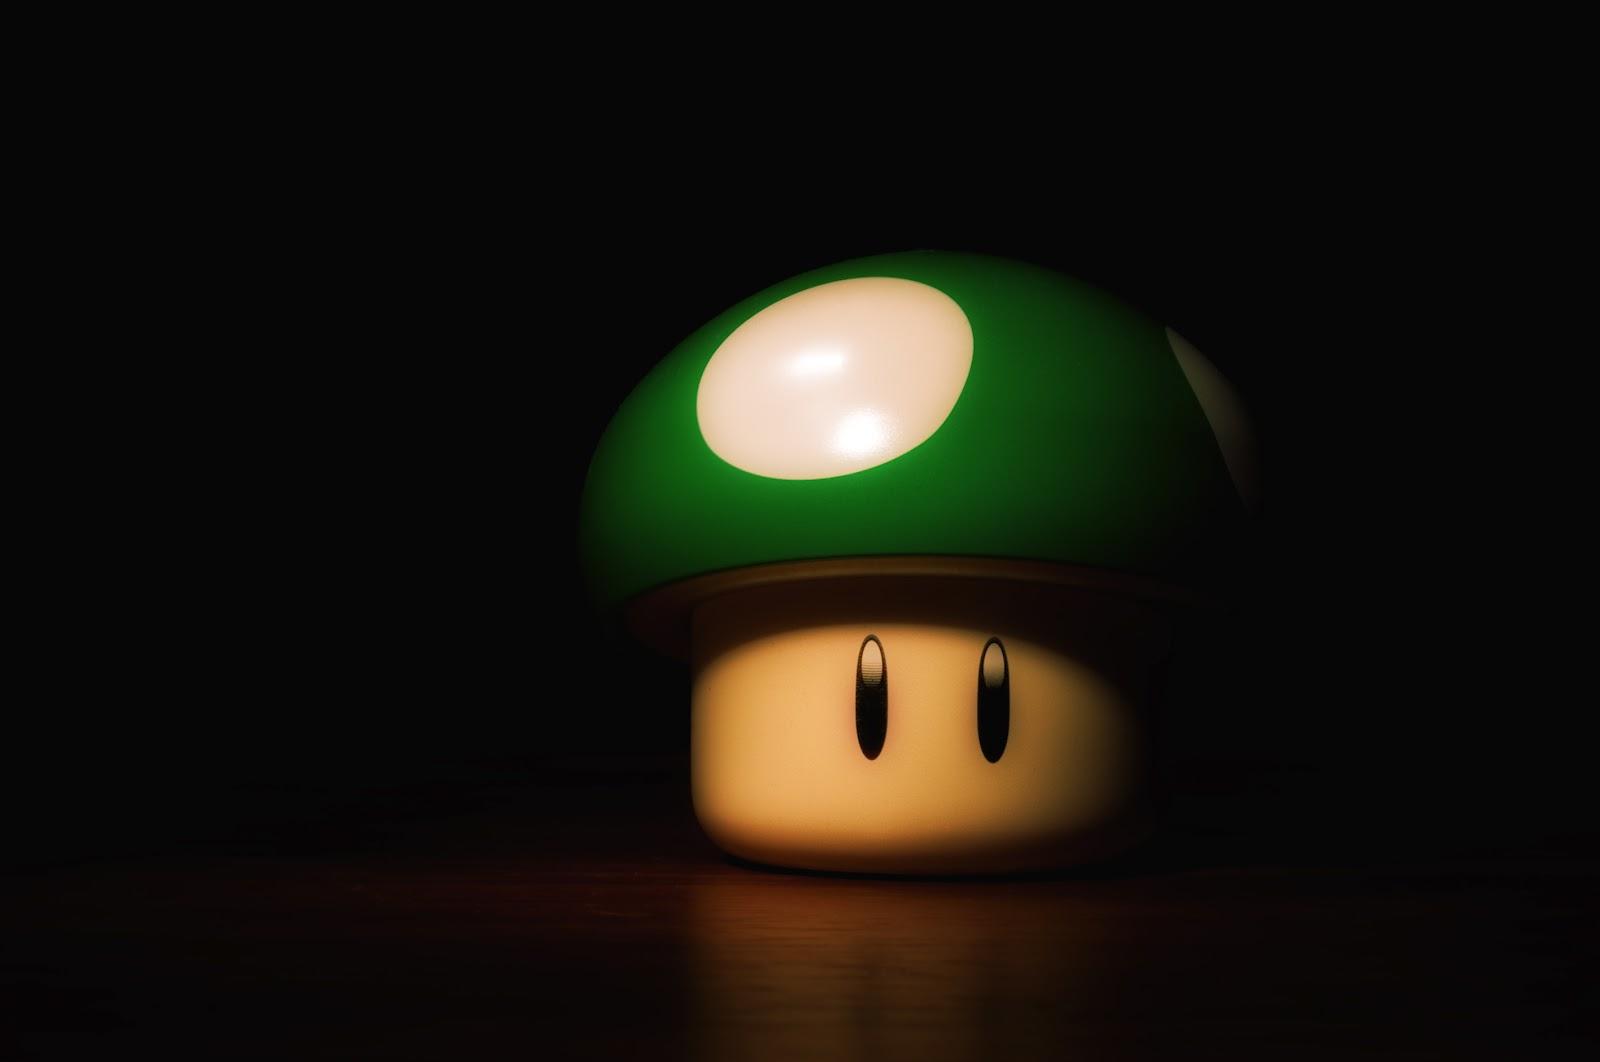 http://4.bp.blogspot.com/-LKSpFWRPcFU/UNSmlMNnXYI/AAAAAAAABPM/rh91OKw_mq8/s1600/Mario+Wallpaper+HD.jpg